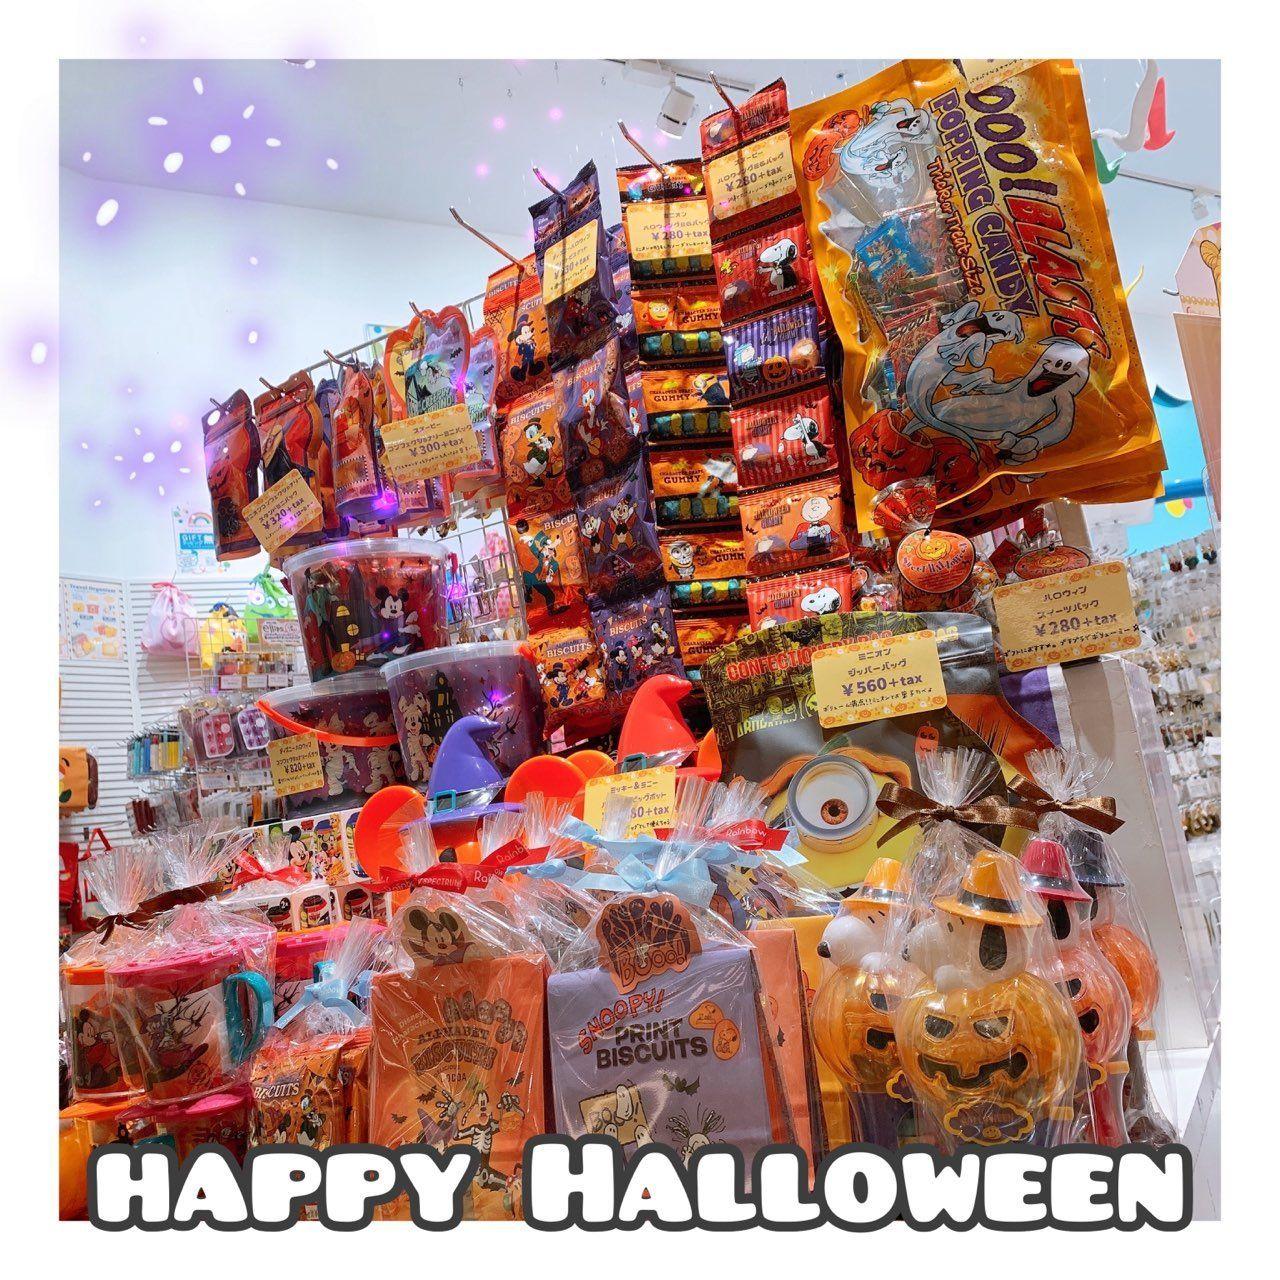 「ハロウィンお菓子入荷しました☆」の写真